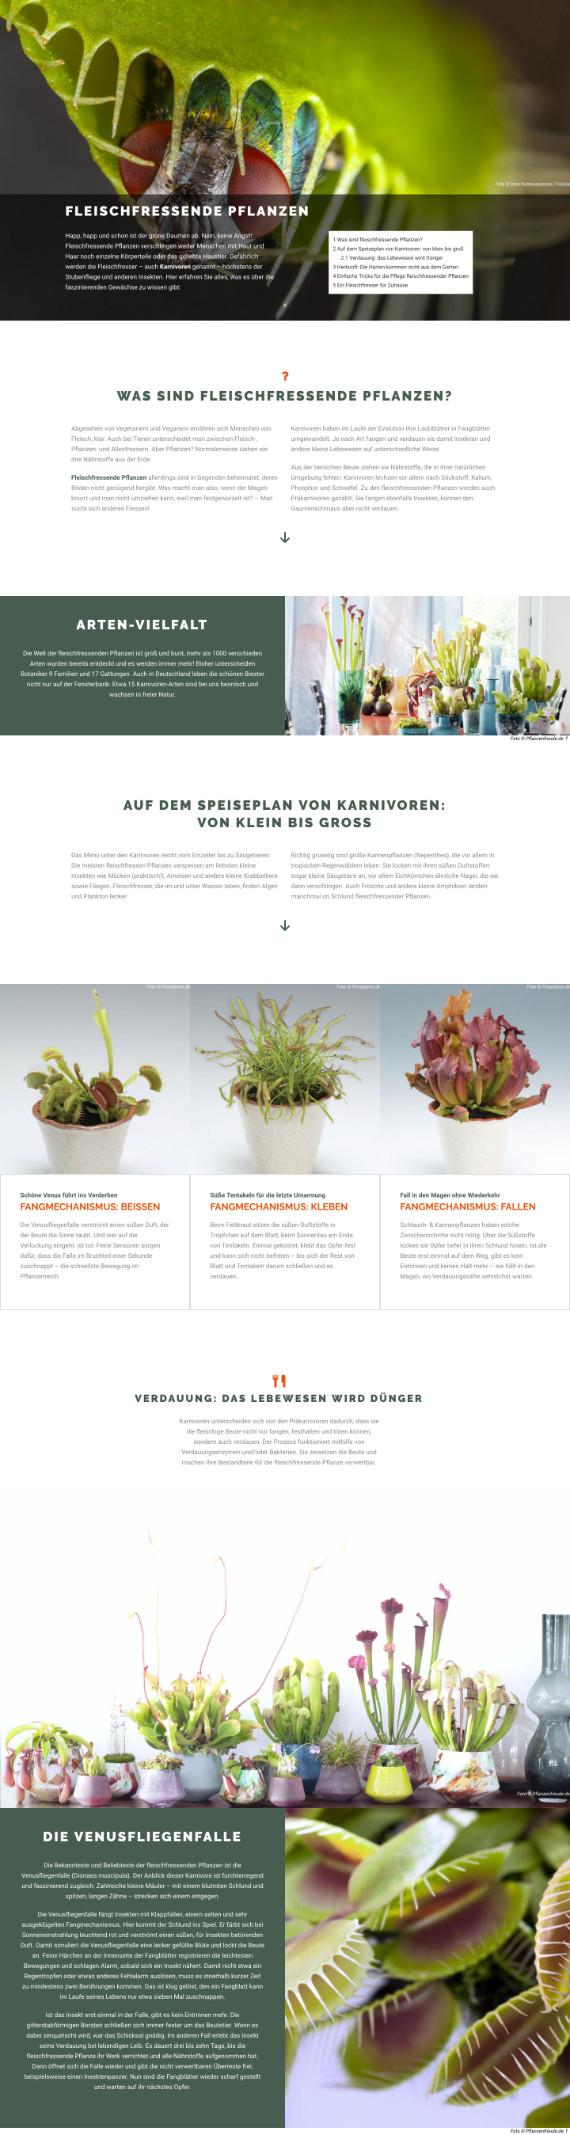 Webdesign für Fleischfressende Pflanzen